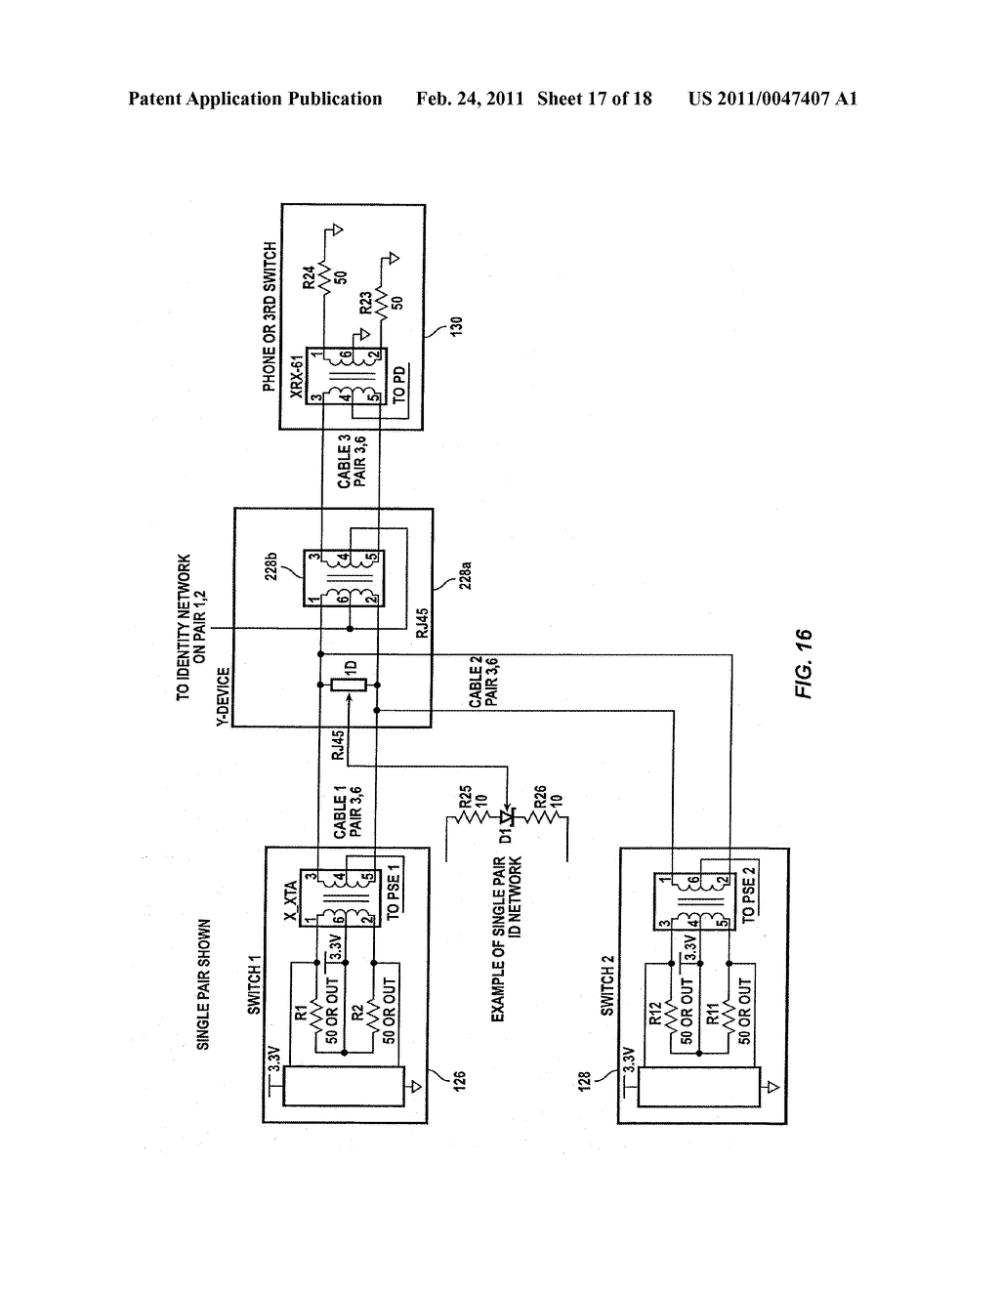 medium resolution of wiring closet diagram wiring diagrams speaker wiring diagram wiring closet diagram